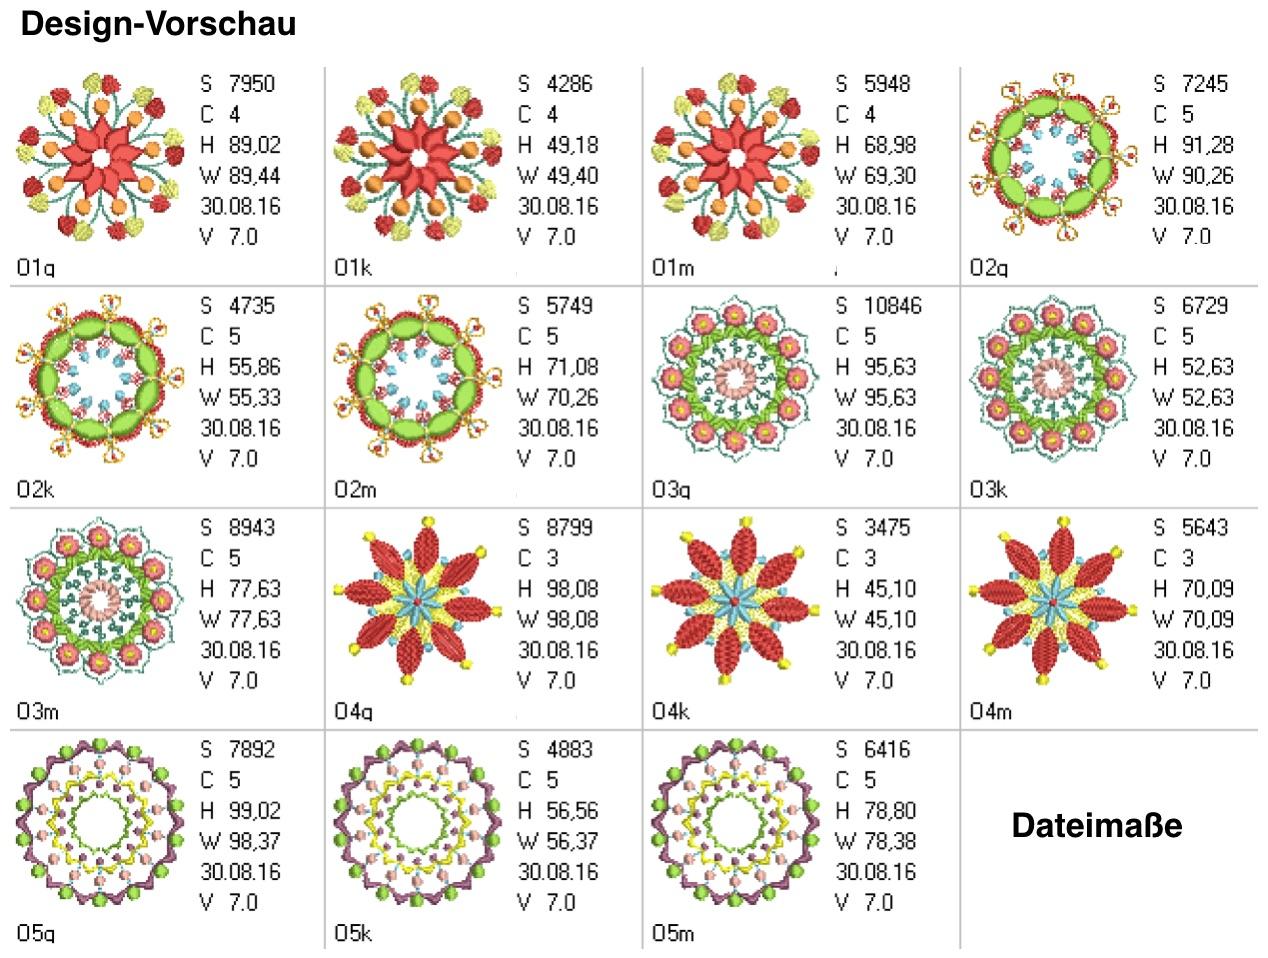 DK-Ornamenties